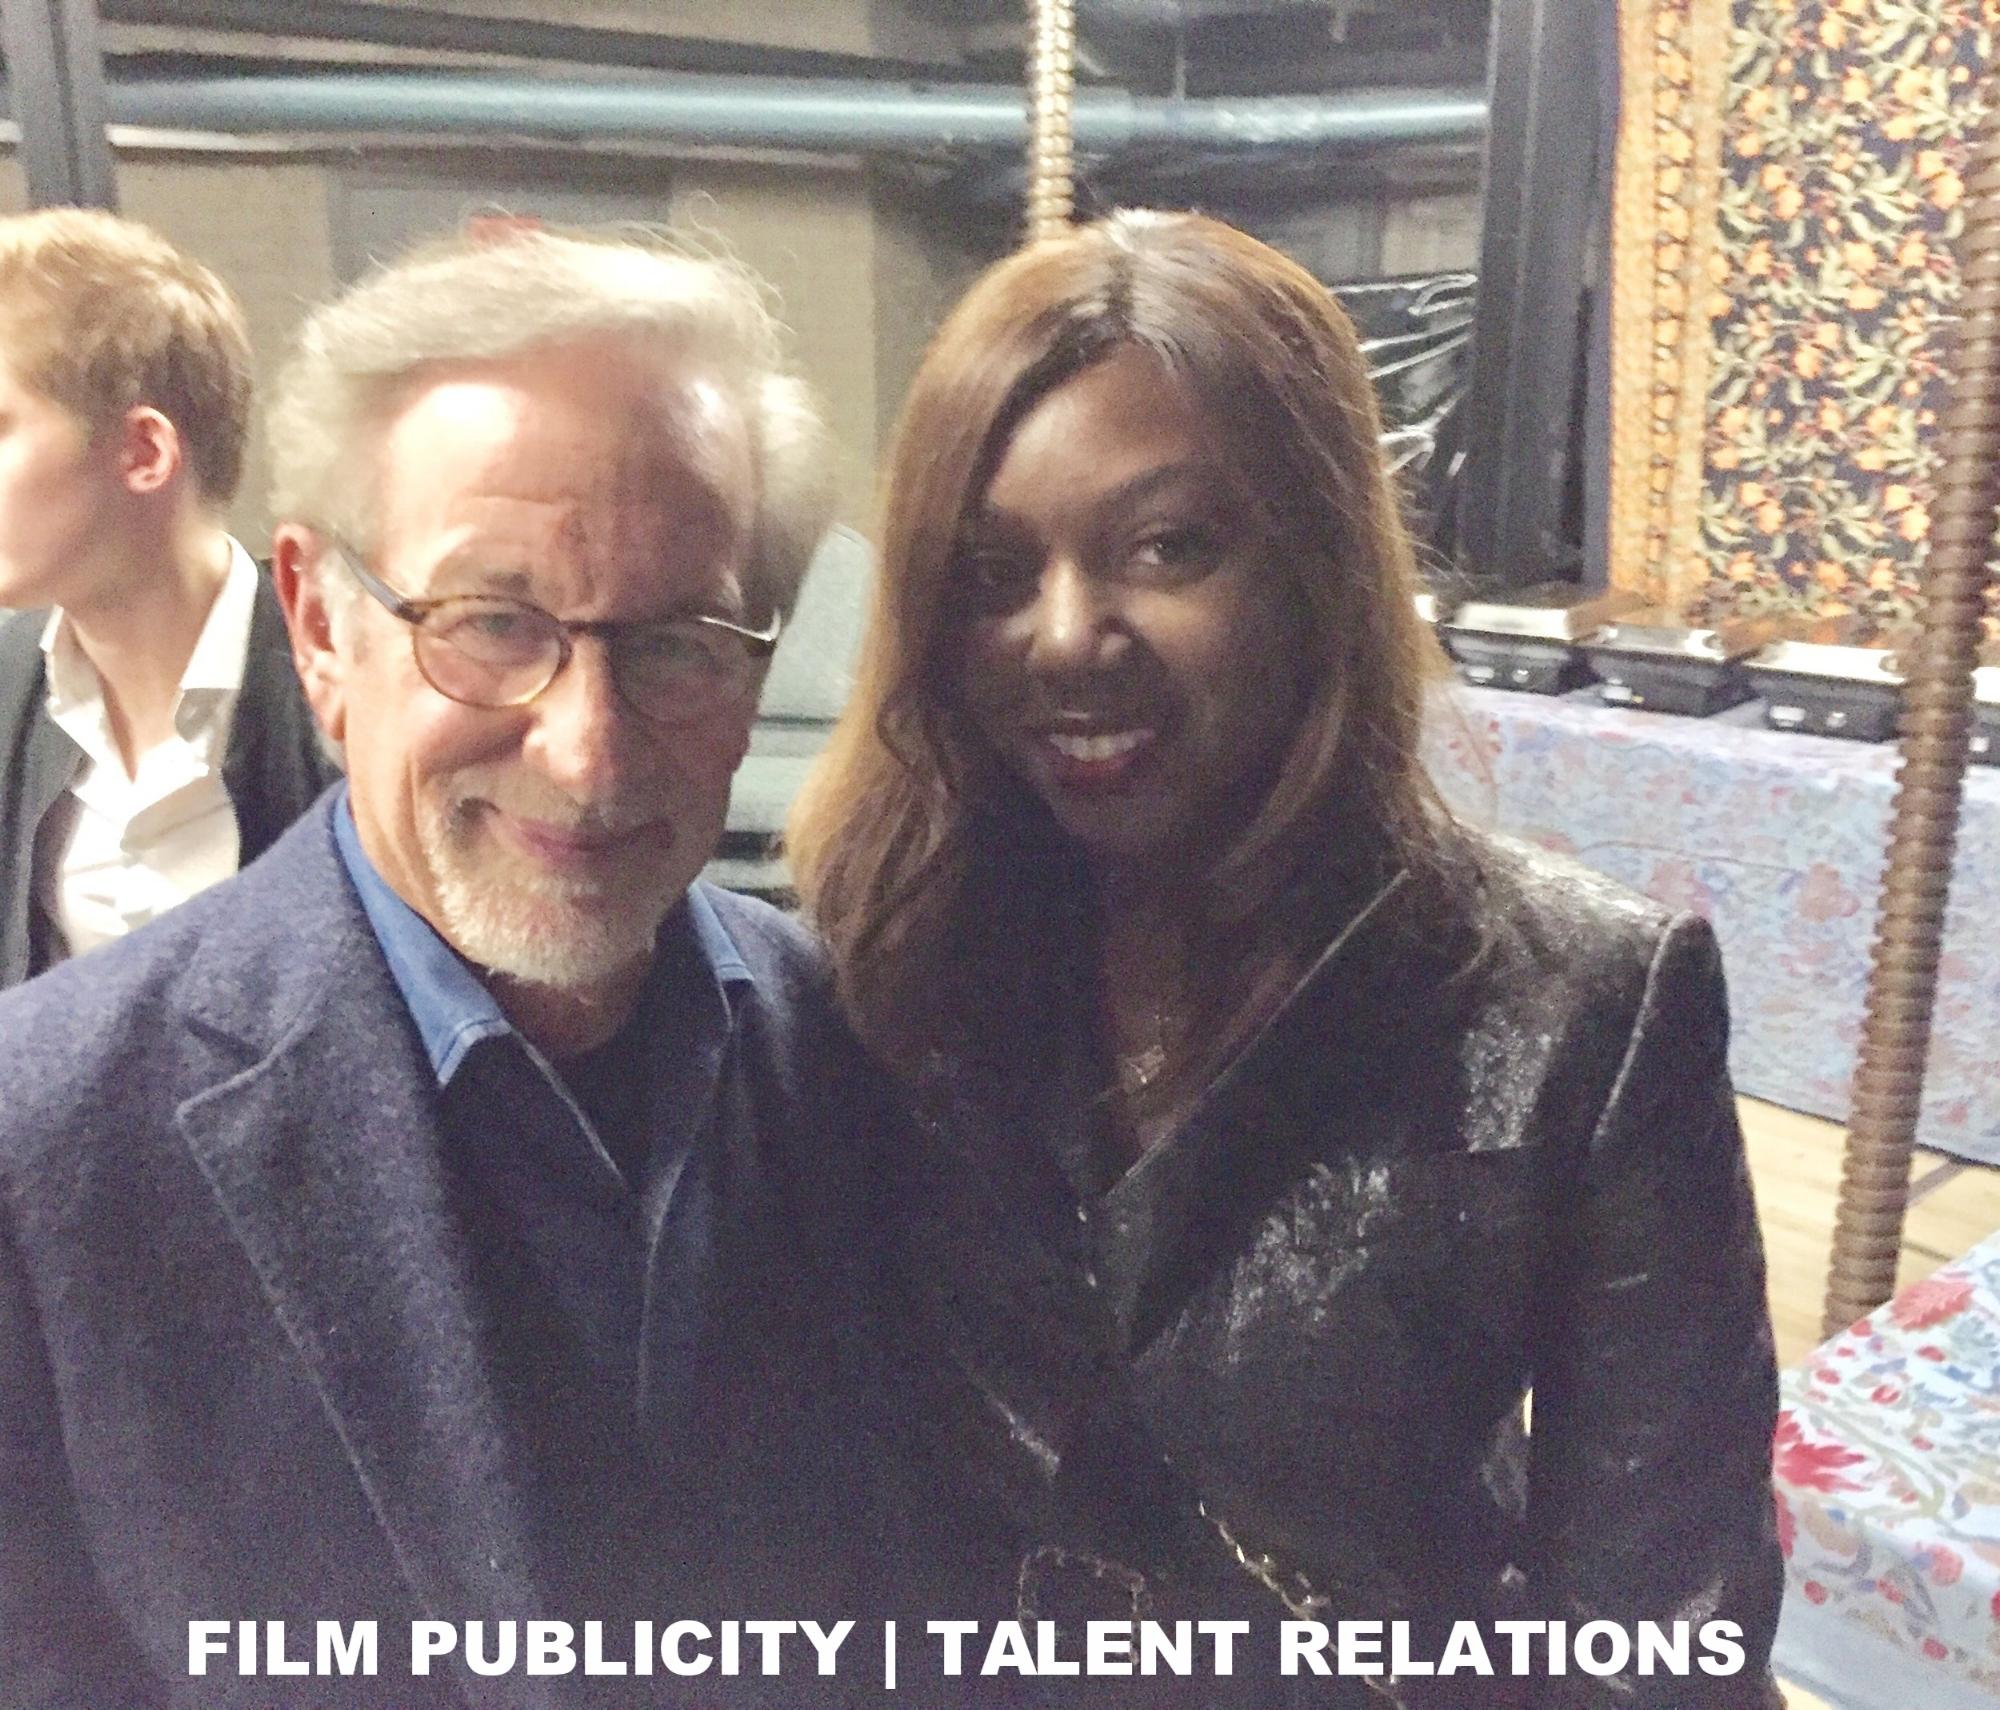 Talent Relations